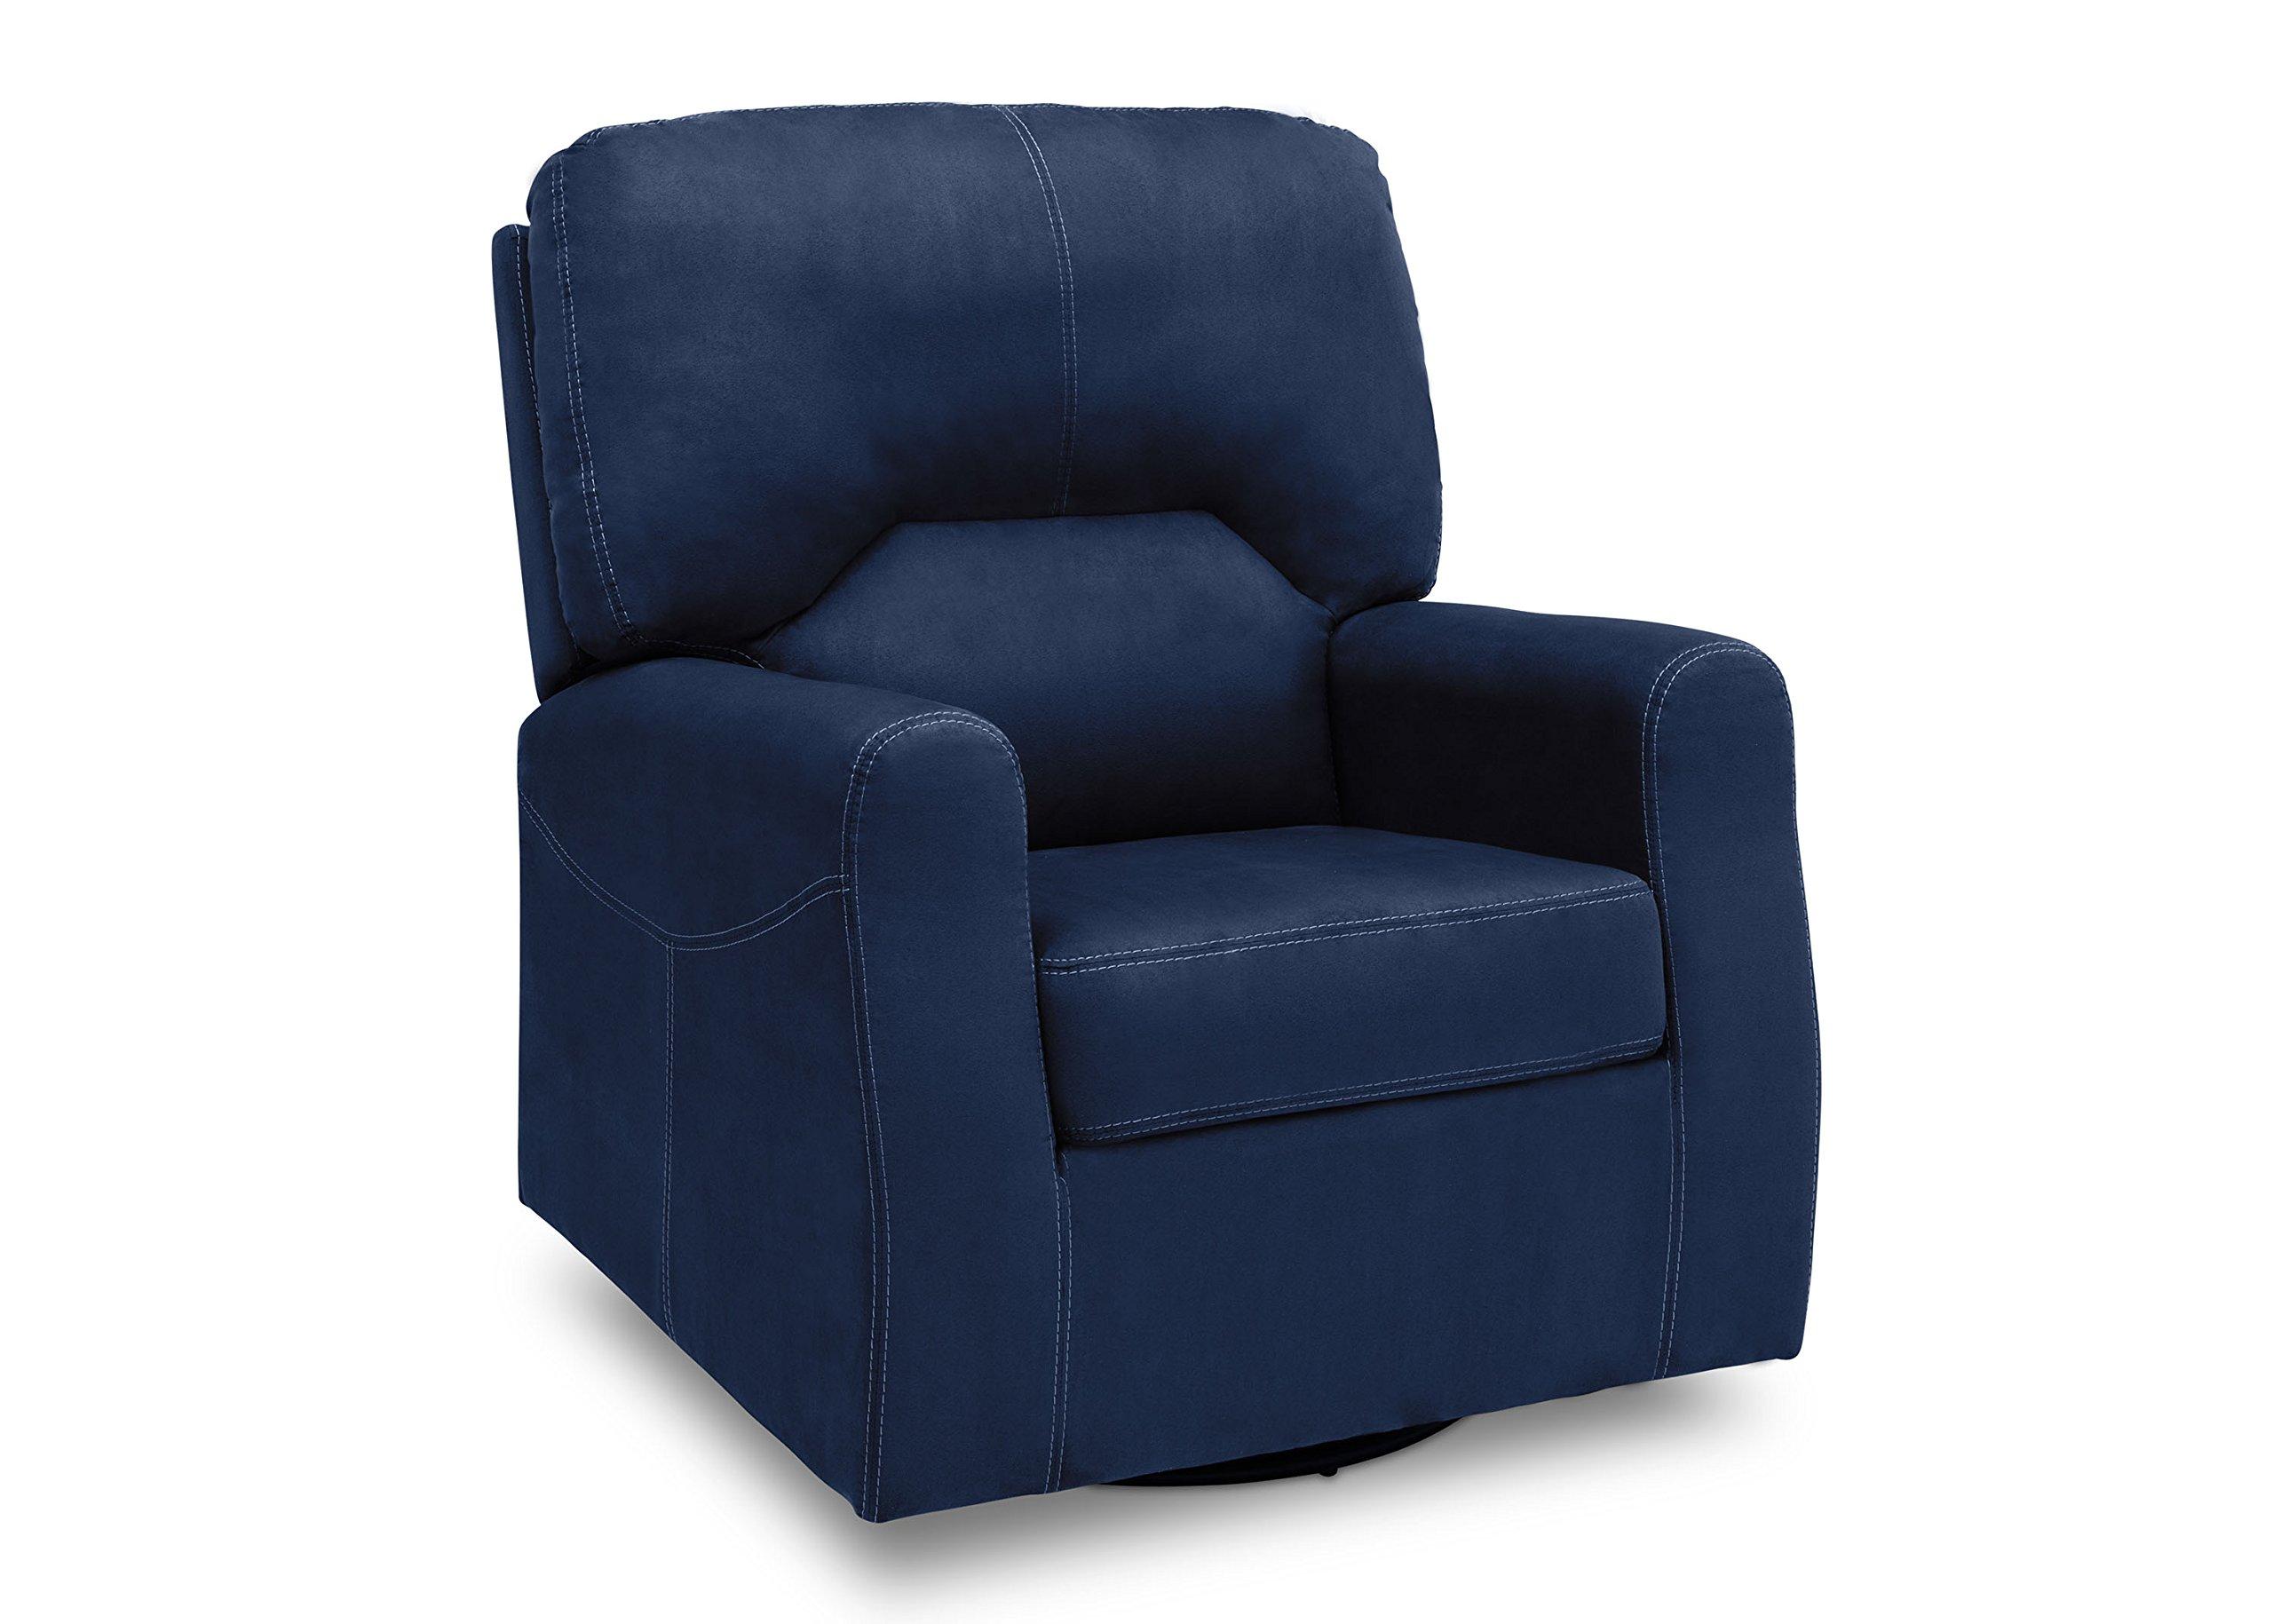 Delta Furniture Marshall Upholstered Glider Swivel Rocker Chair, Navy